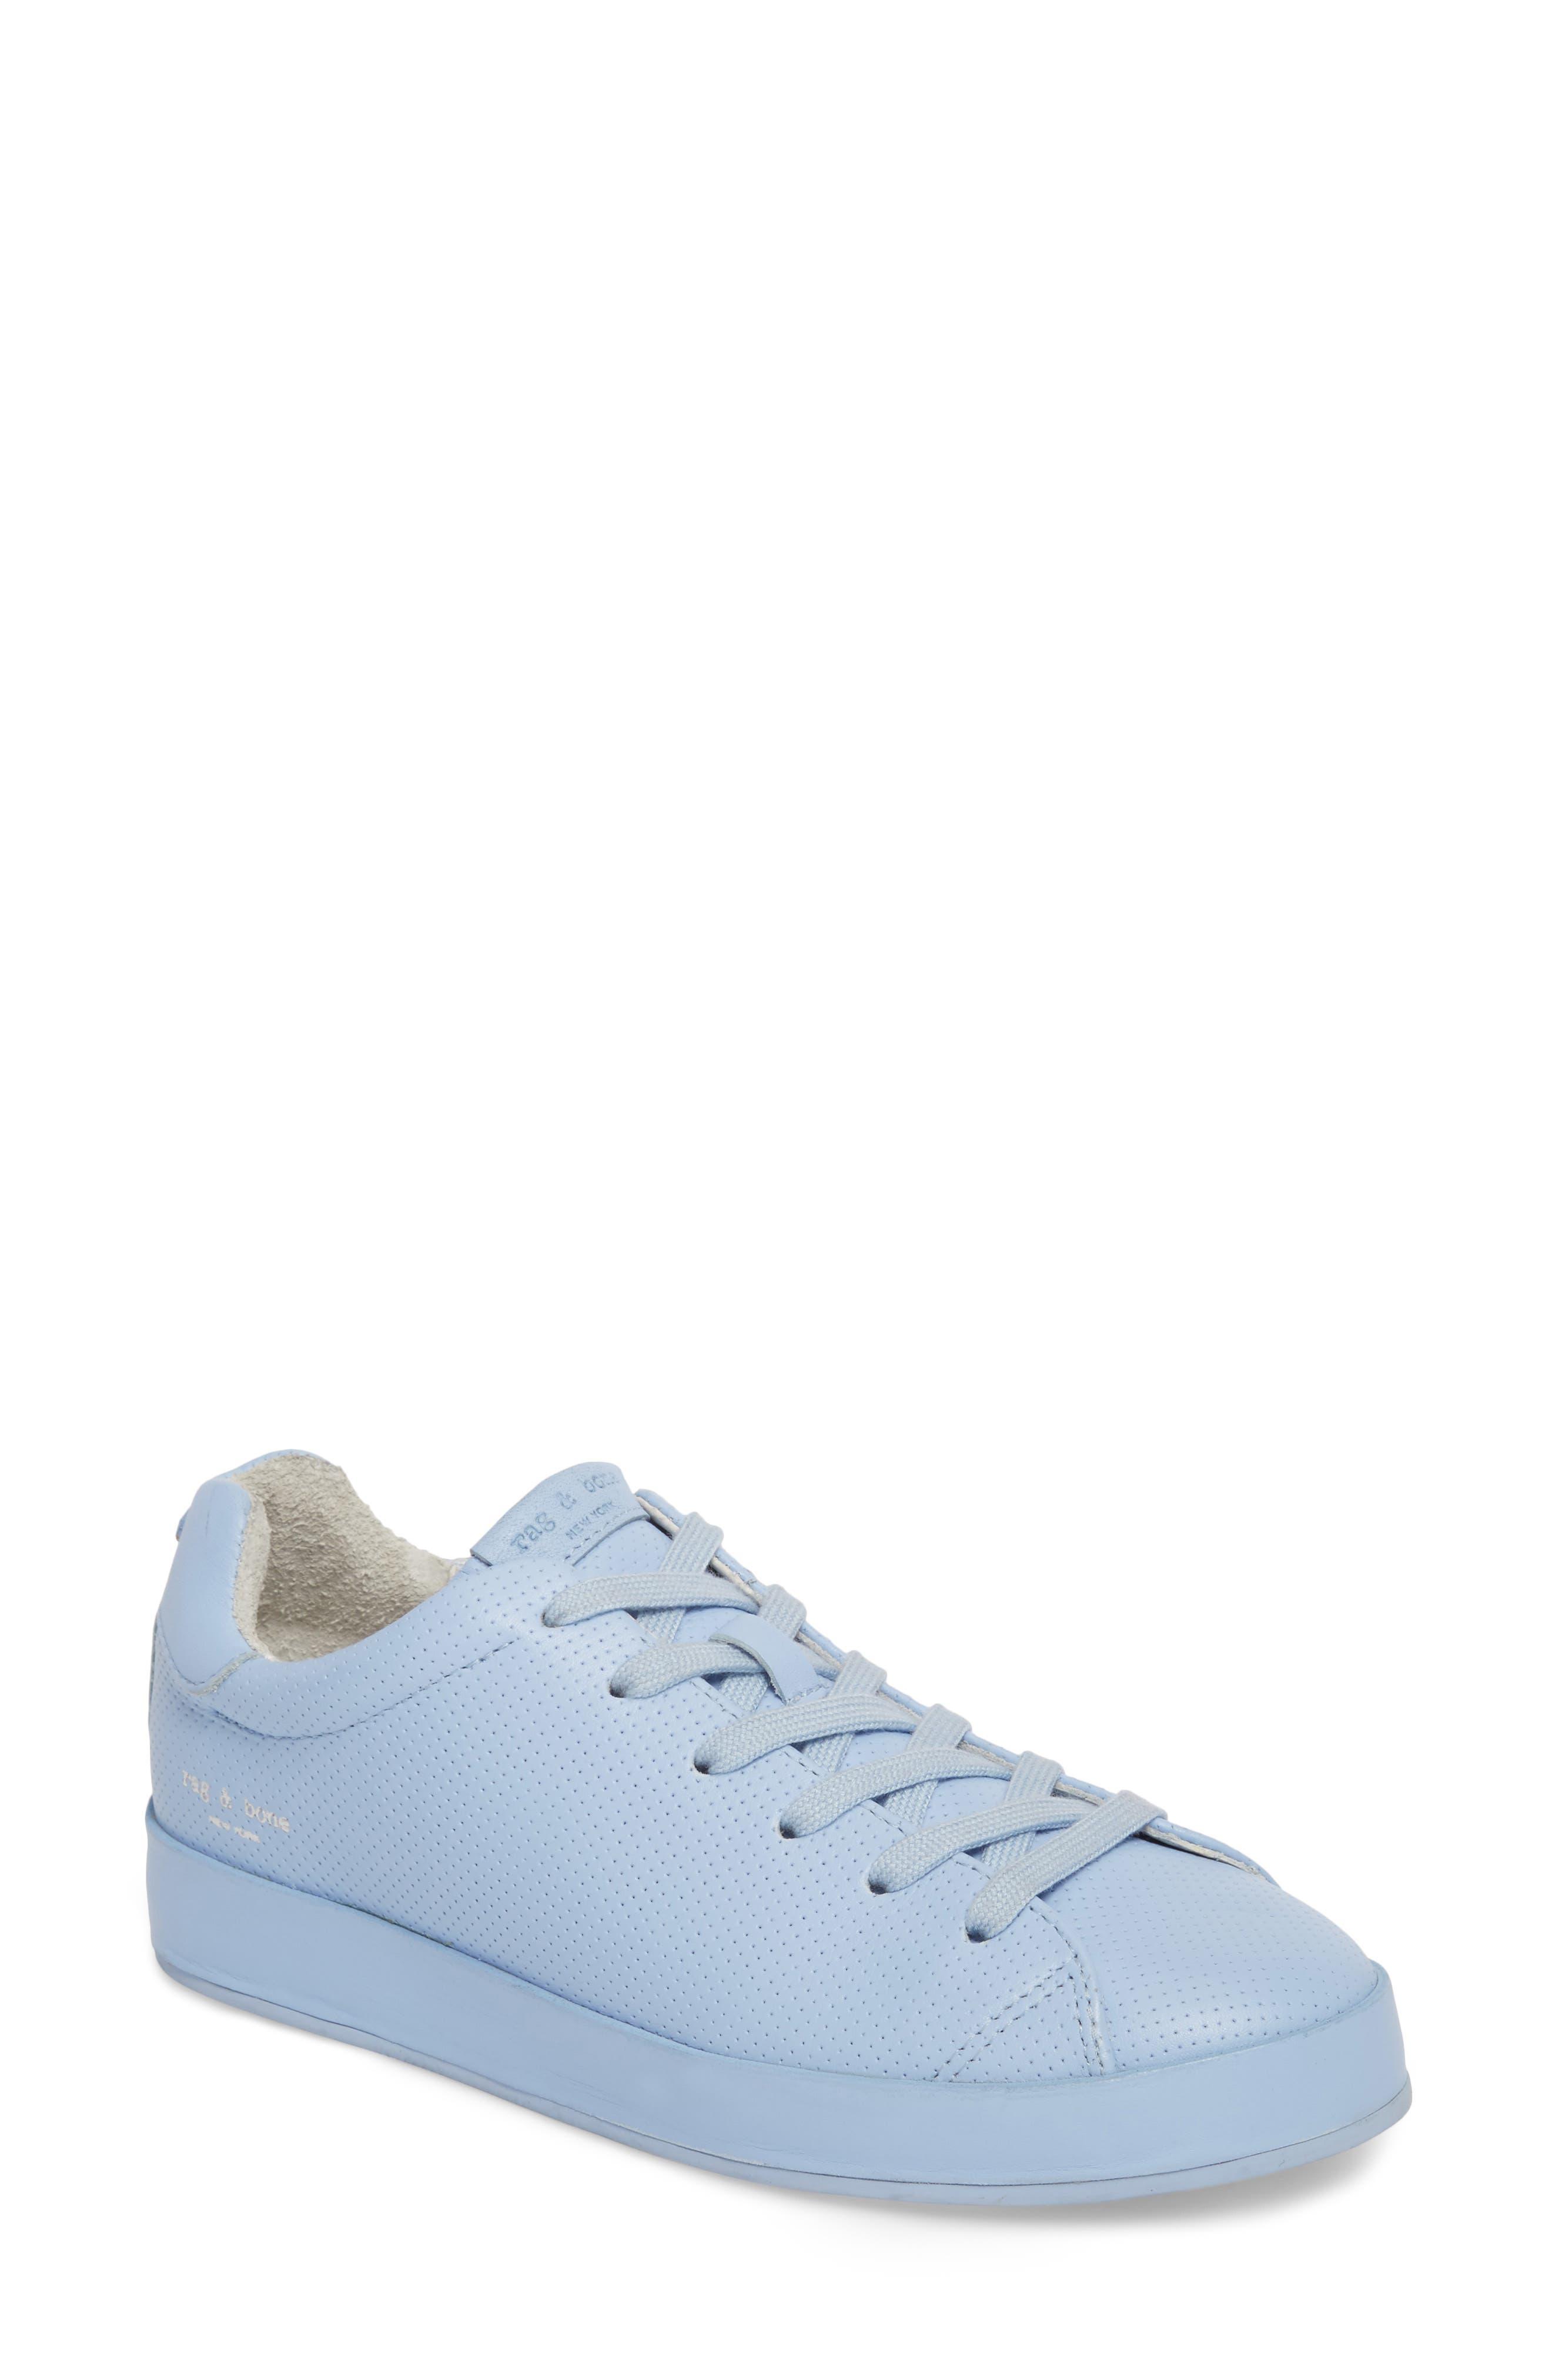 Main Image - rag & bone RB1 Low-Top Sneaker (Women)